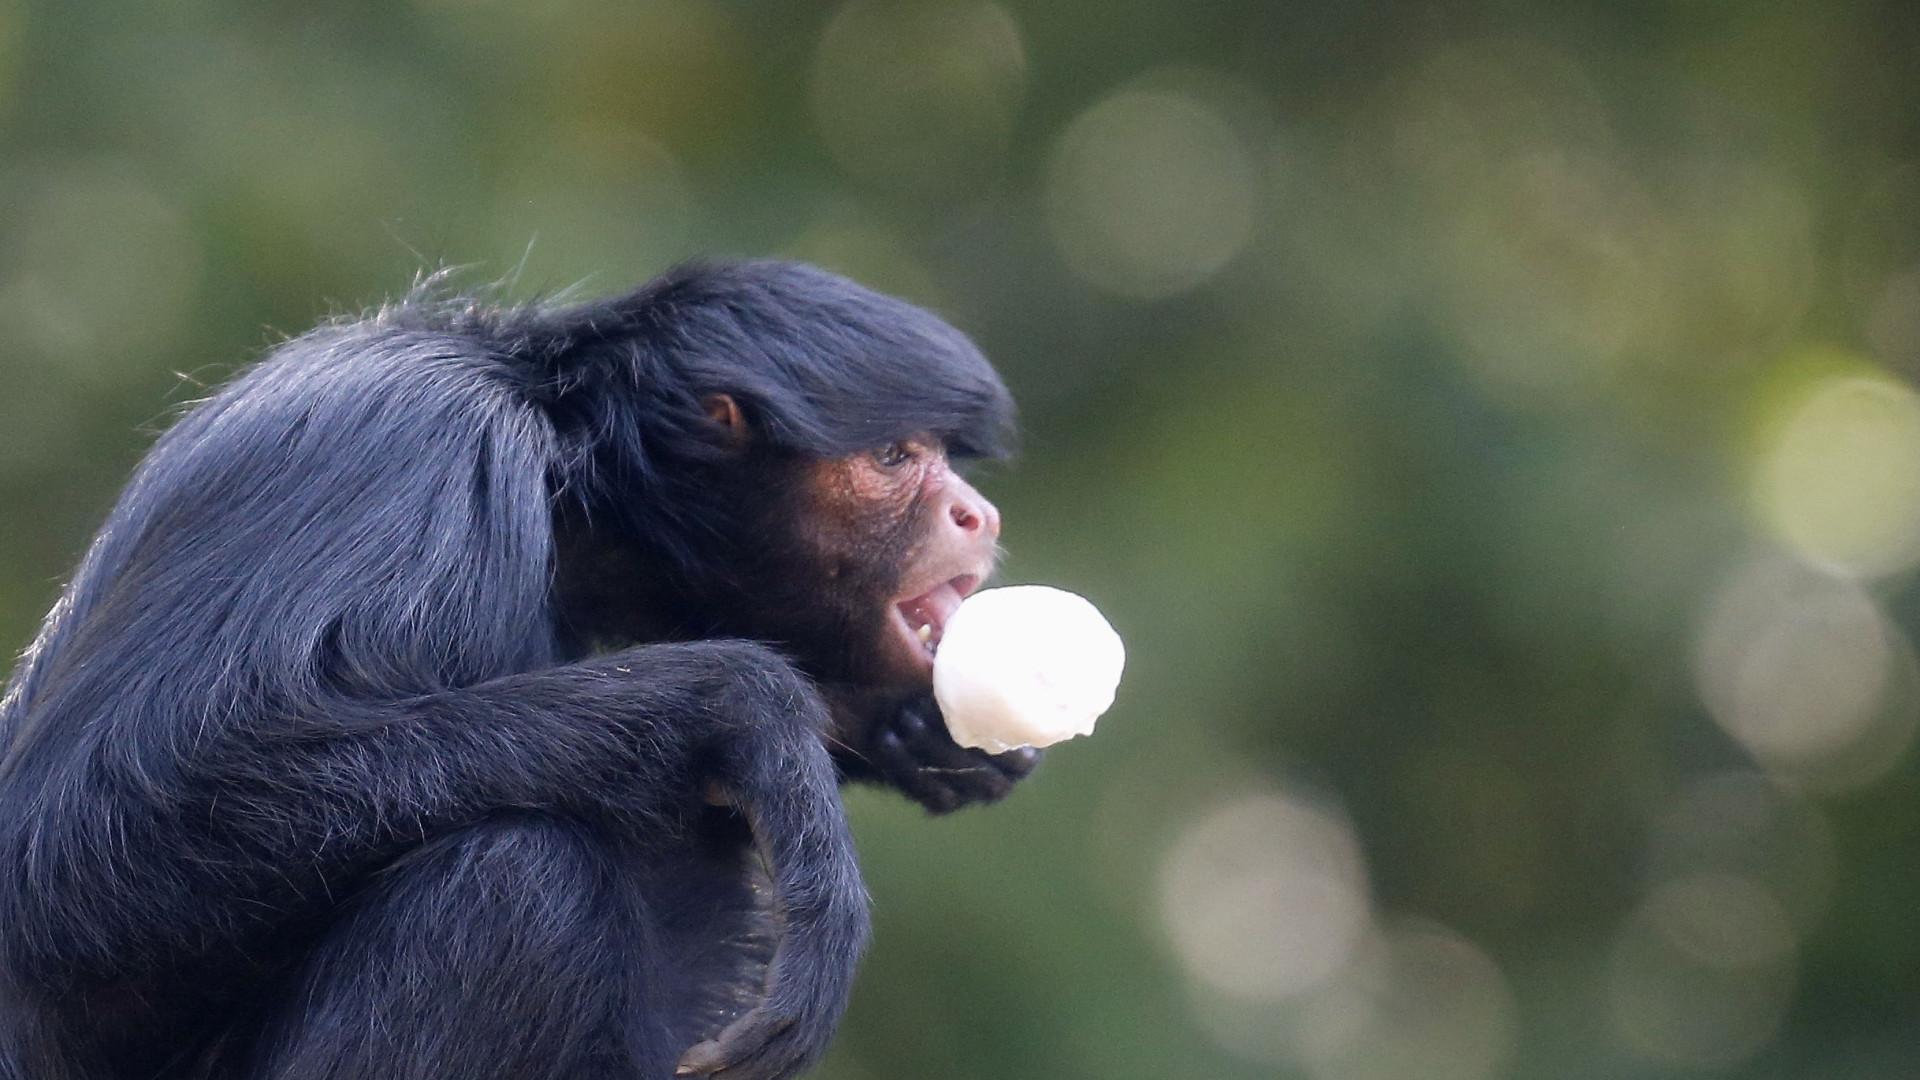 Macaco morreu atropelado em estrada após fugir de jardim zoológico